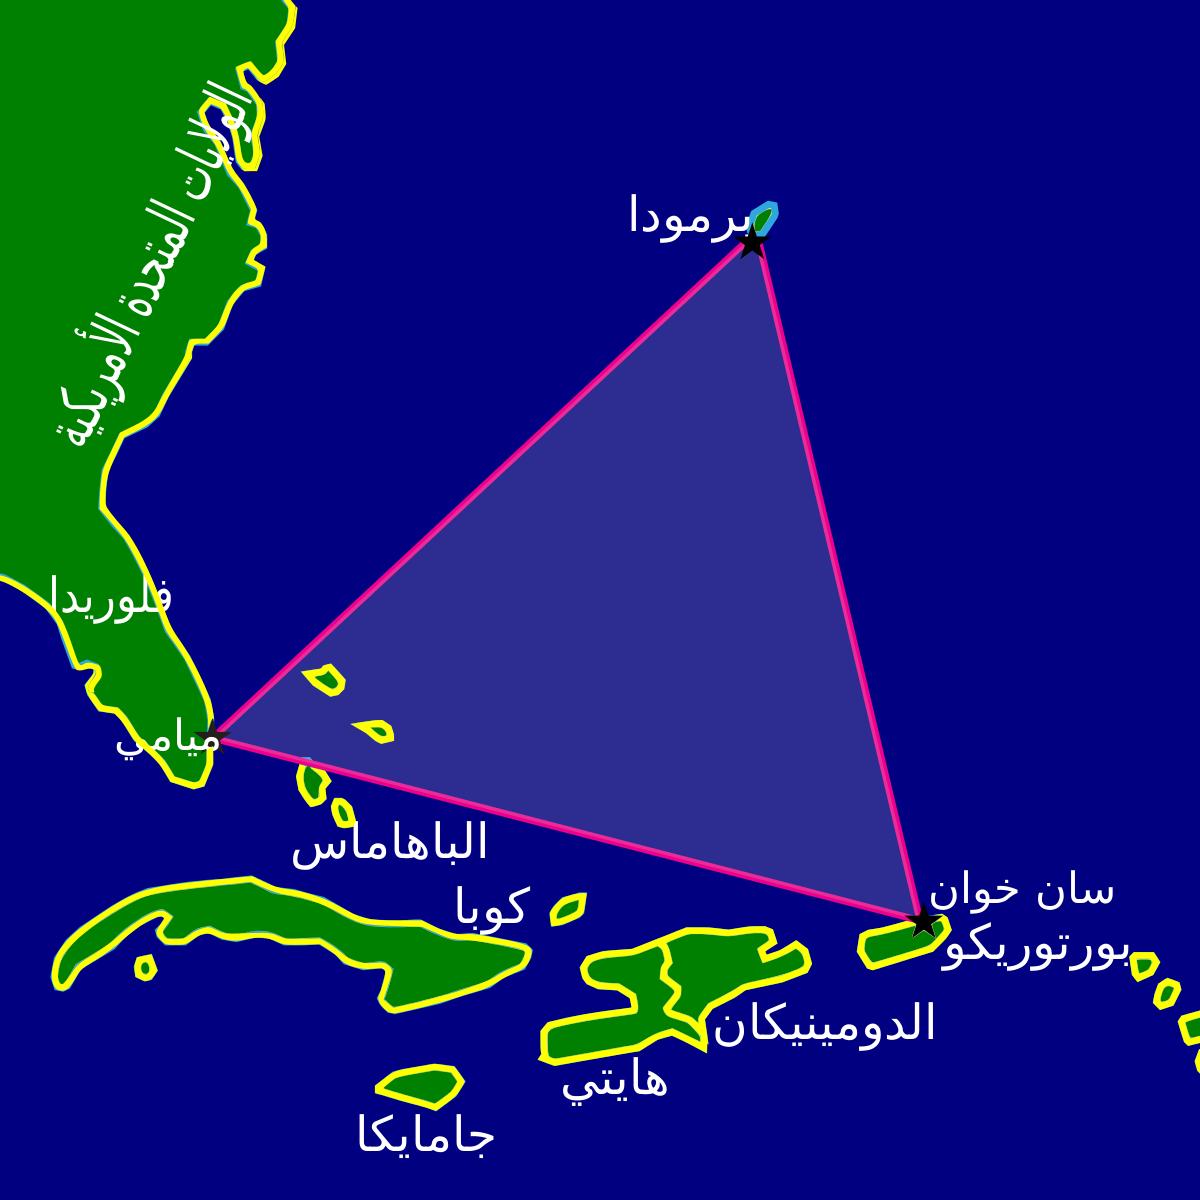 بالصور صور مثلث برمودا , اسطوره مثلث برمودا 2666 1